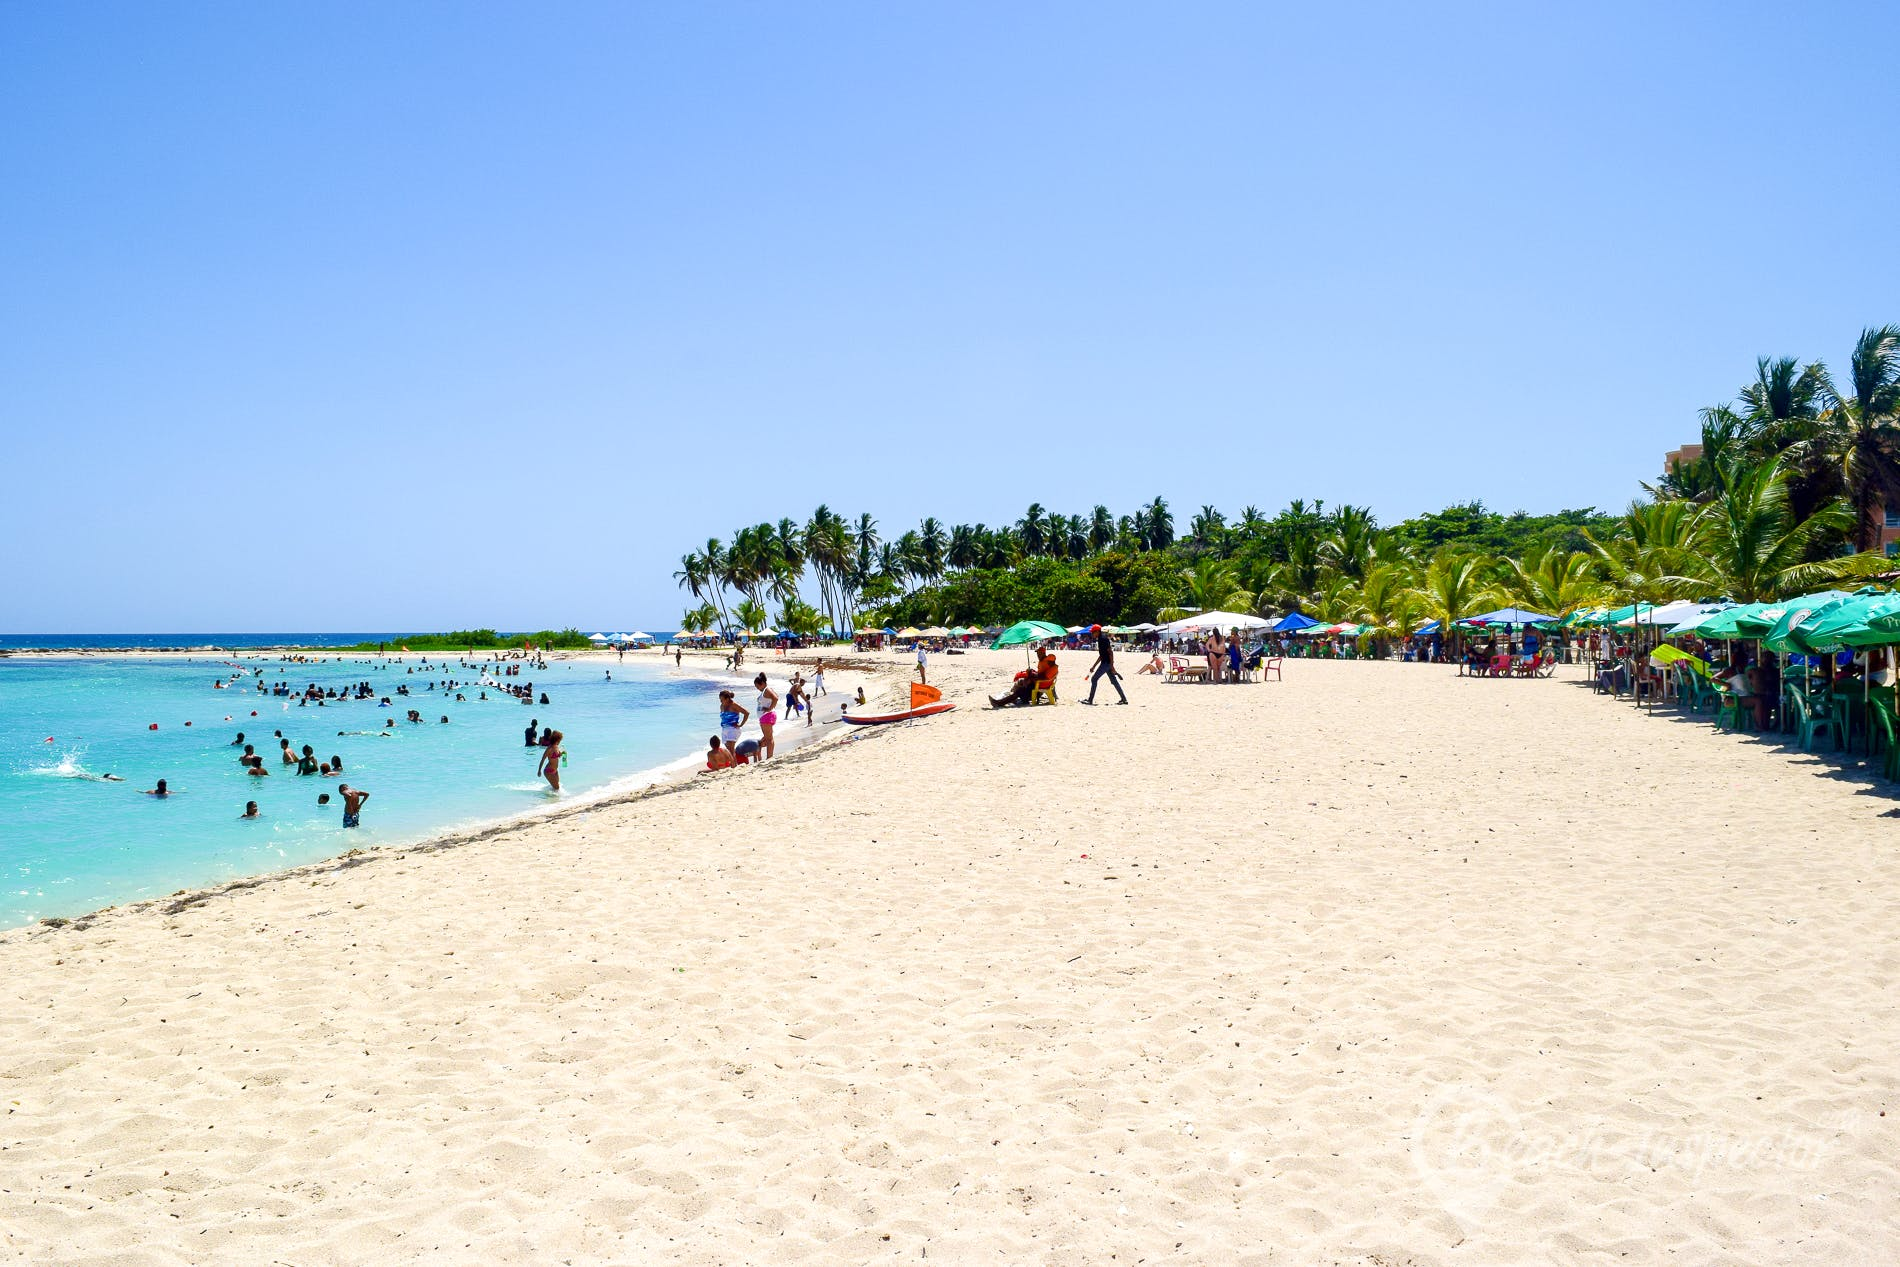 Strand Playa Juan Dolio, Dominikanische Republik, Dominikanische Republik